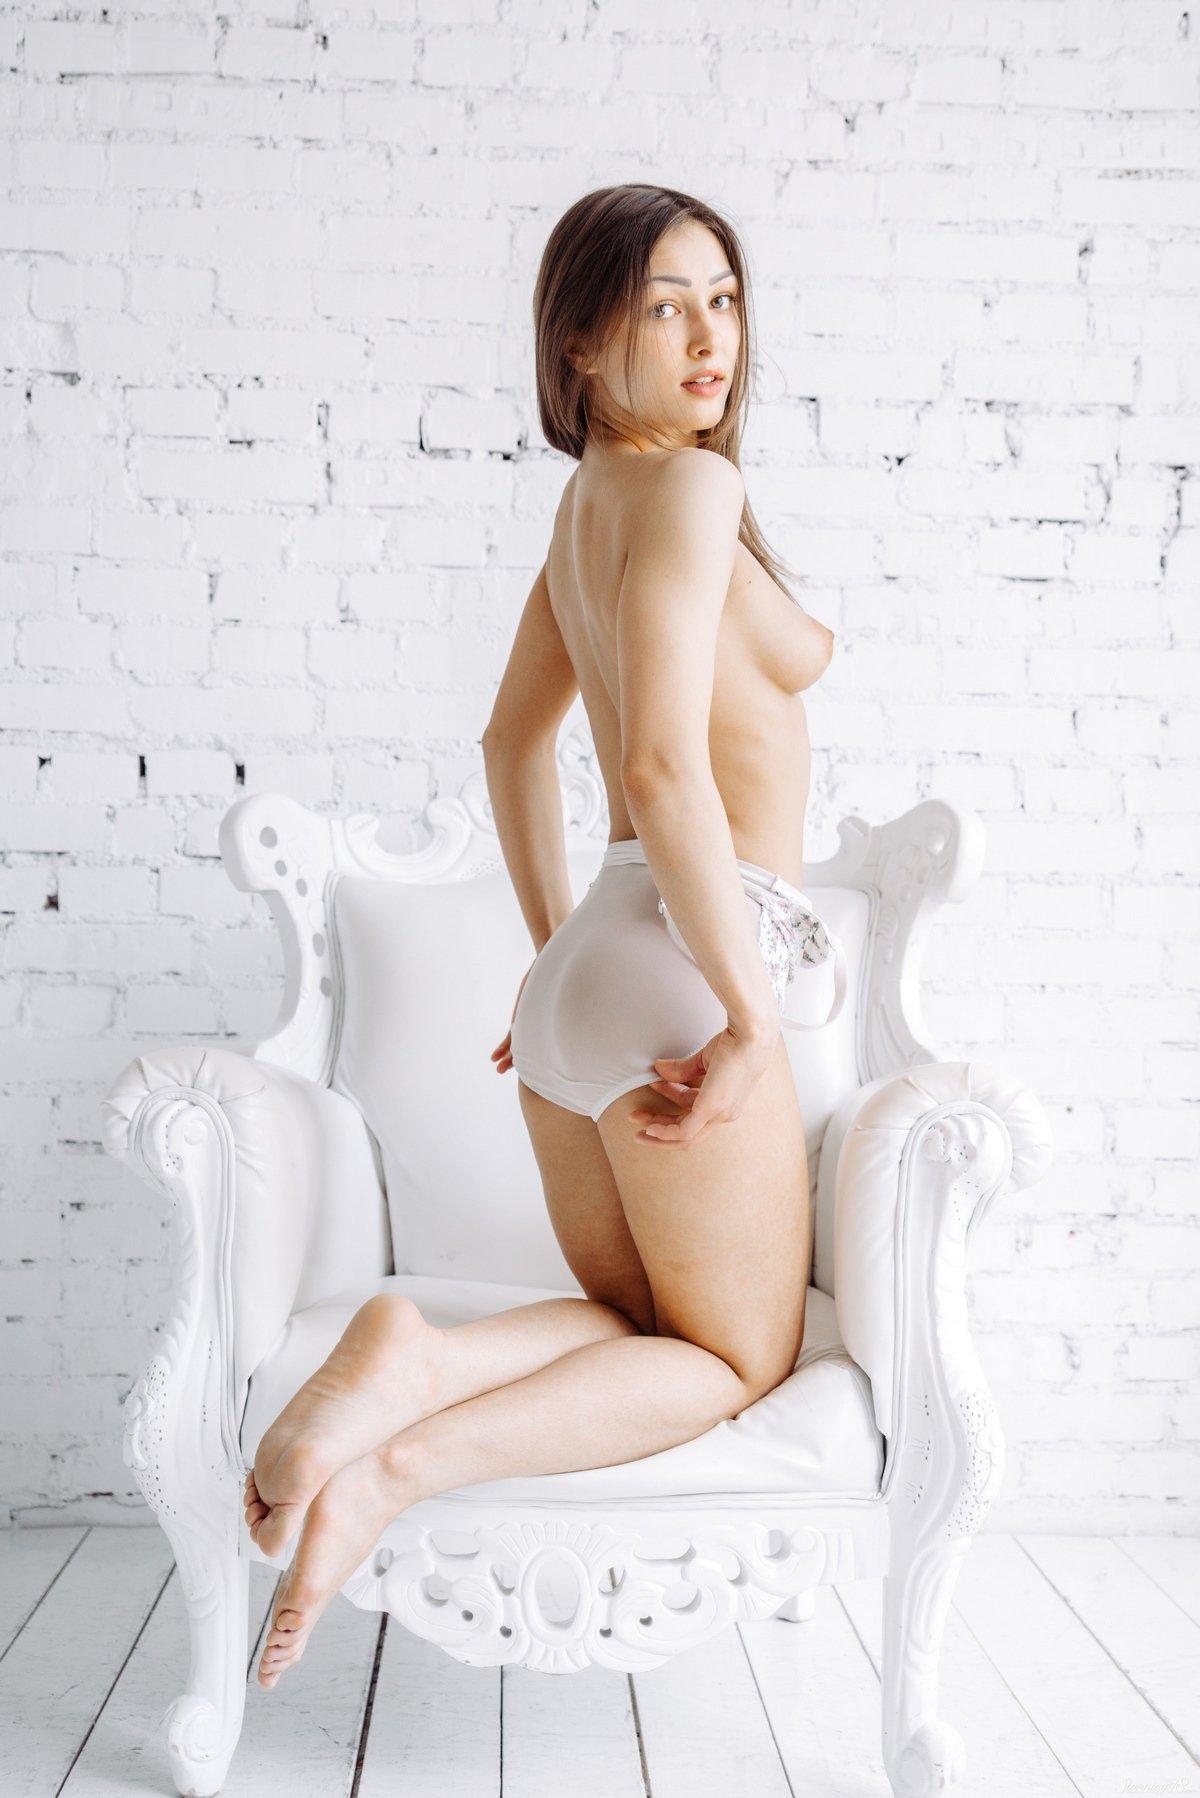 Барышня стягивает белье в кресле